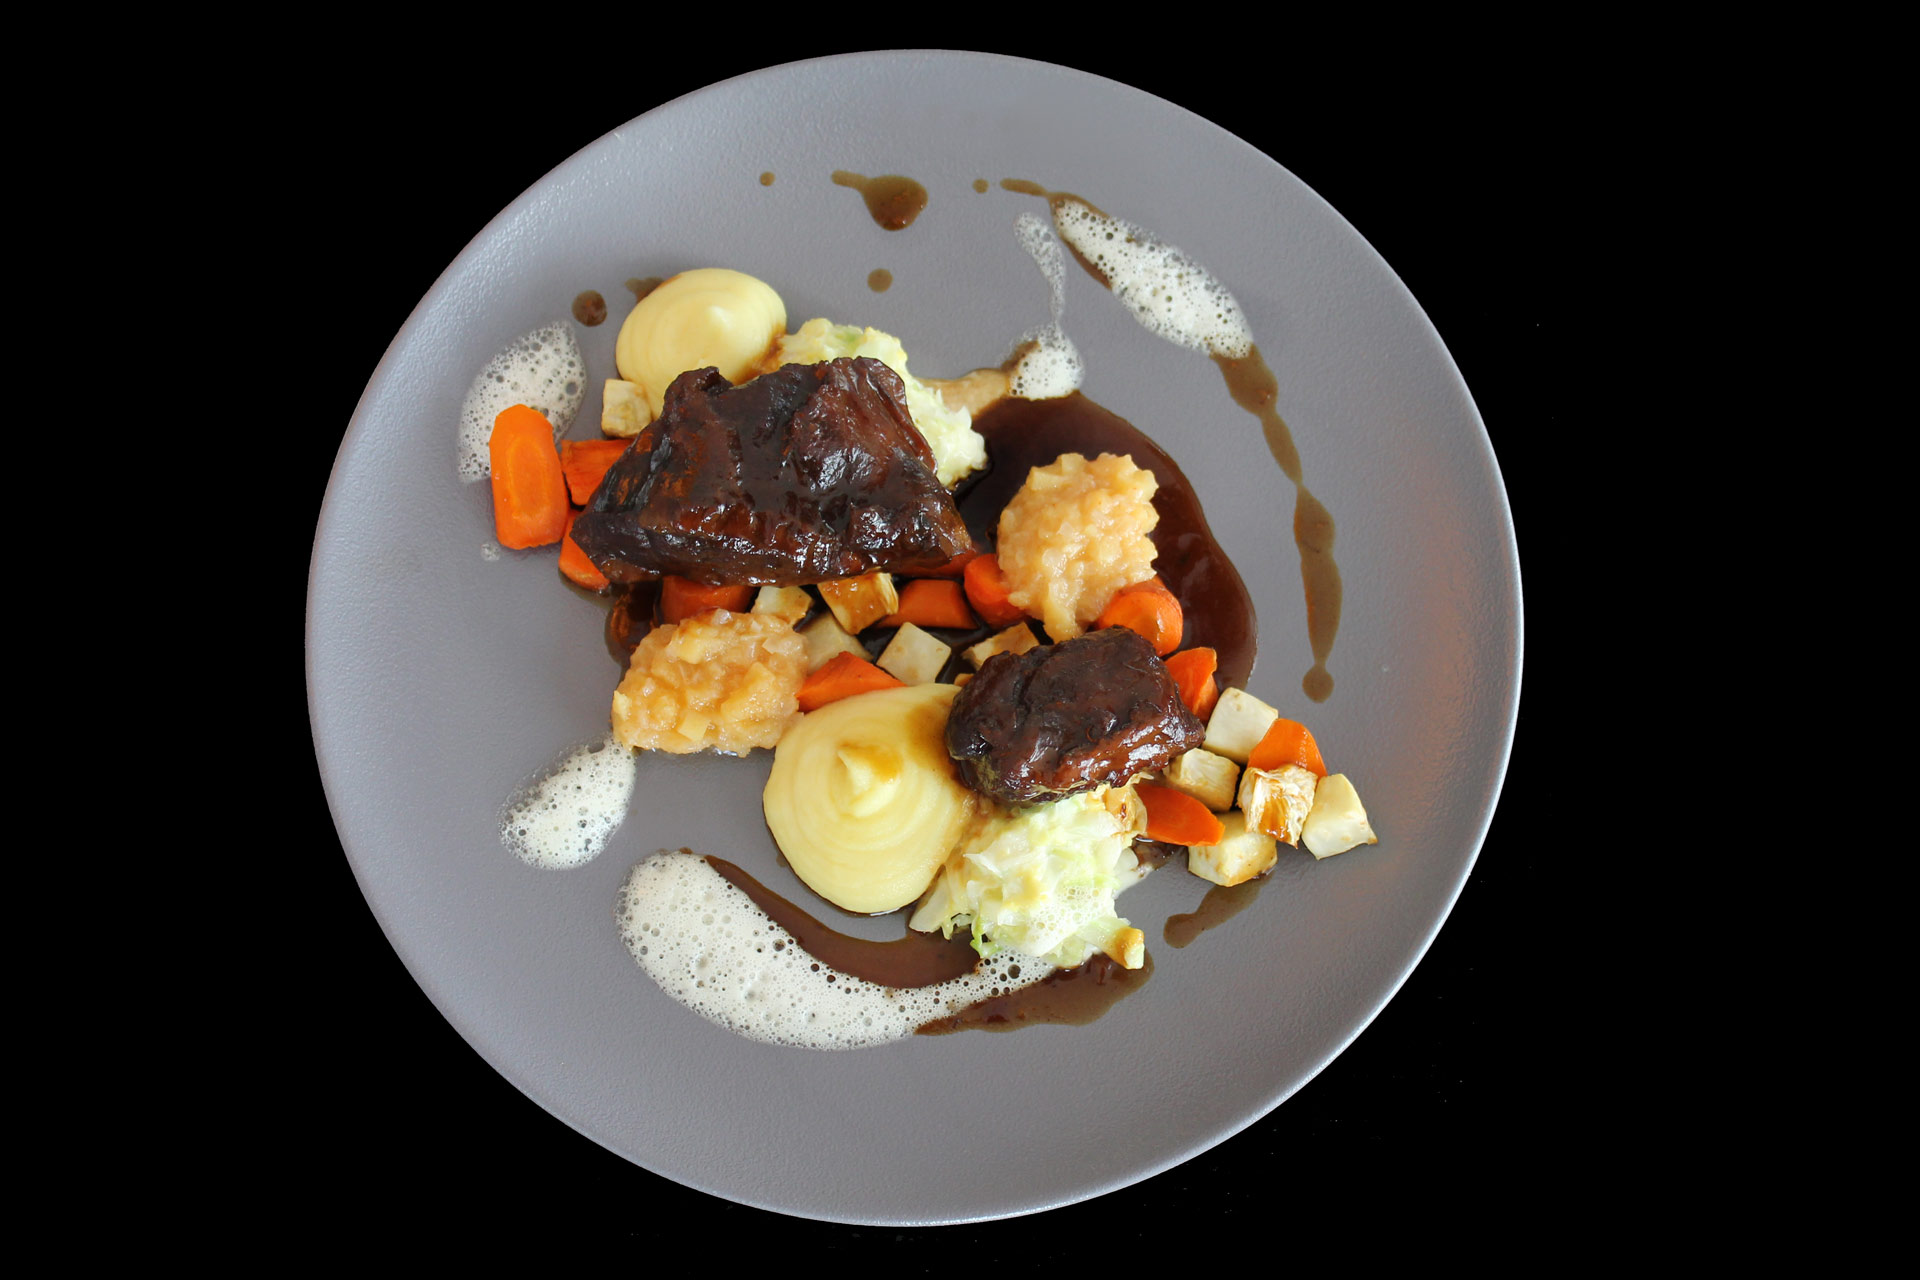 Geschmorte-Kalbsbacke Restaurant Friedrichs